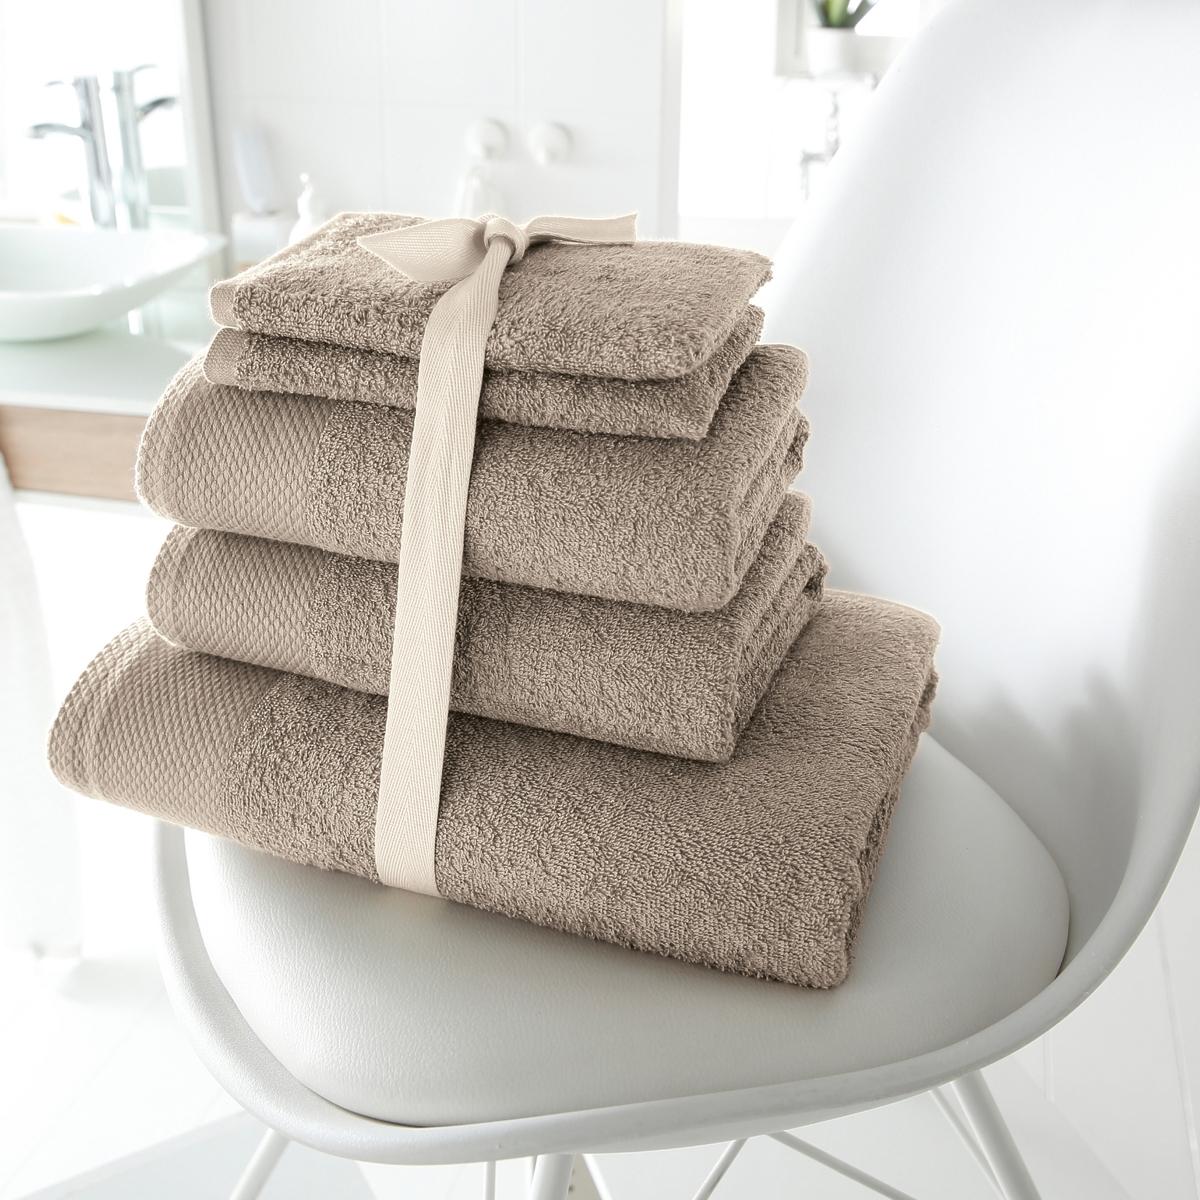 Комплект для ванной, 420 г/м?Махровая ткань, 100% хлопка, 420 г/м?. Стирка при 60°. 1 банное полотенце 70 х 140 см + 2 полотенца 50 х 100 см + 2 банные рукавички 15 х 21 см.<br><br>Цвет: белый,голубой бирюзовый,гренадин,зеленый анис,темно-серо-каштановый светлый